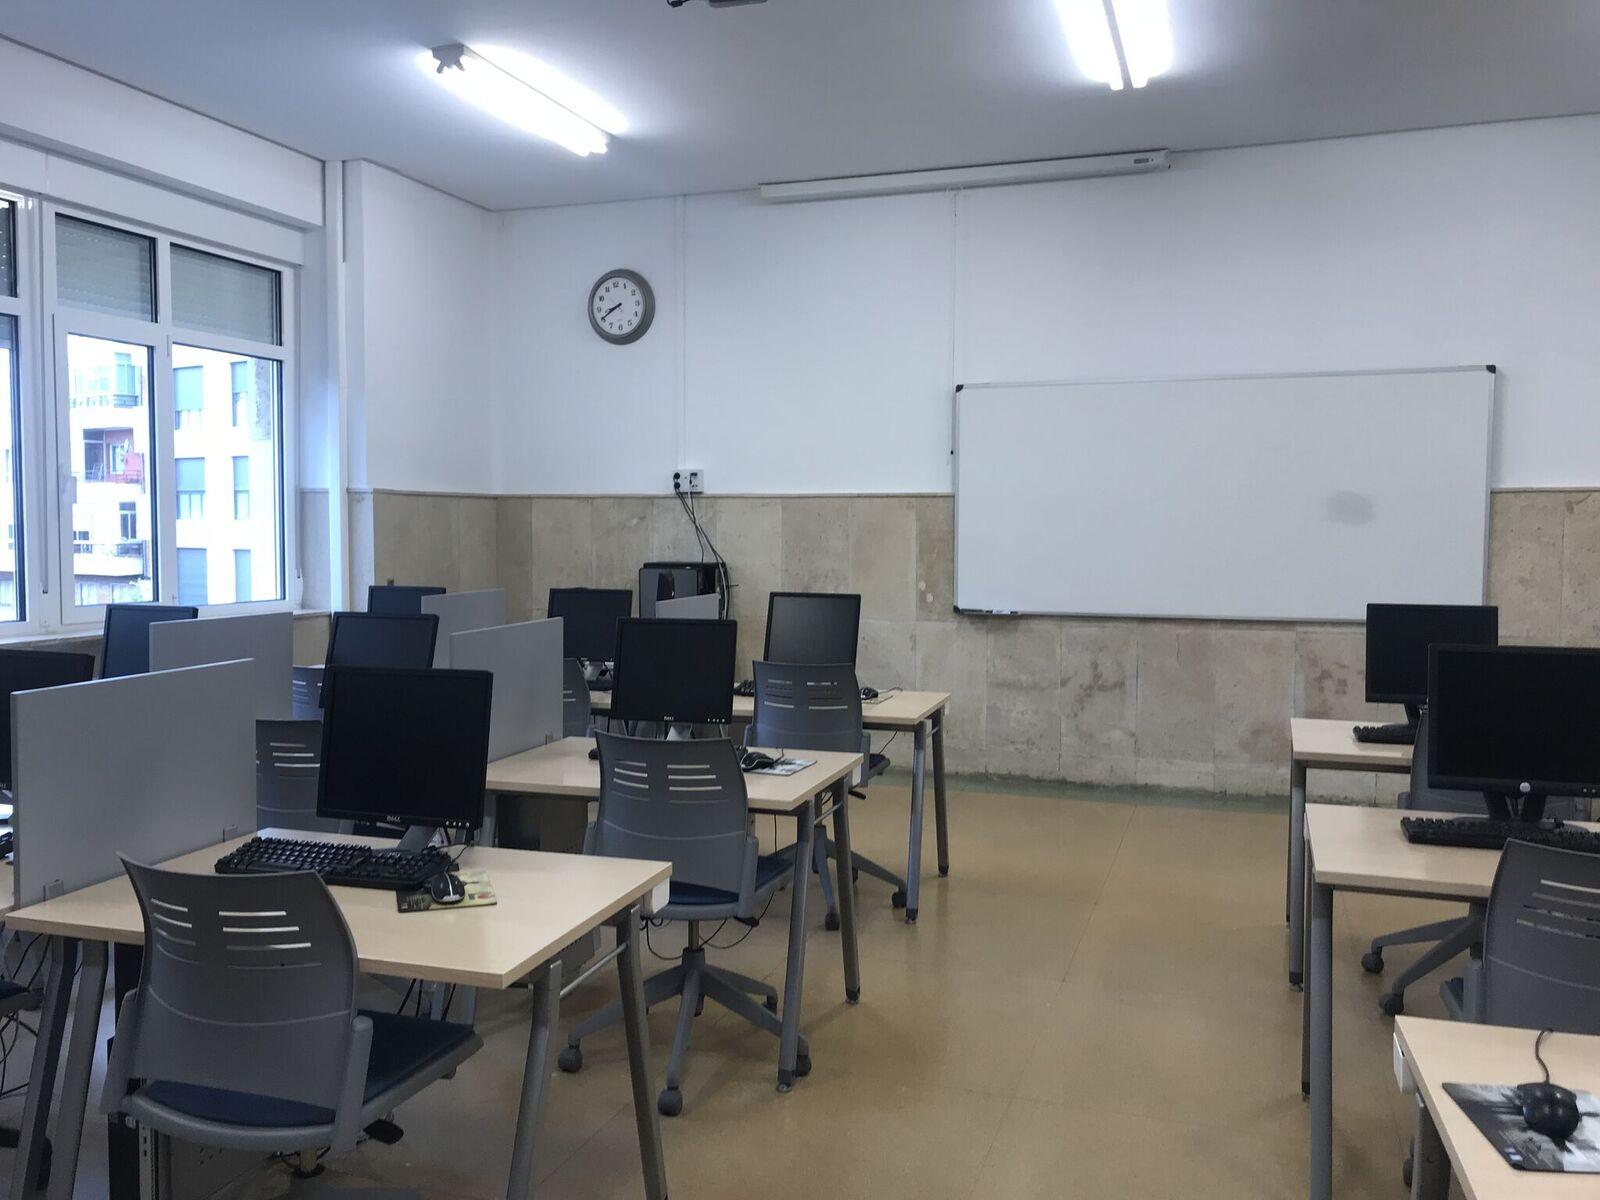 Centro de Idiomas computer lab